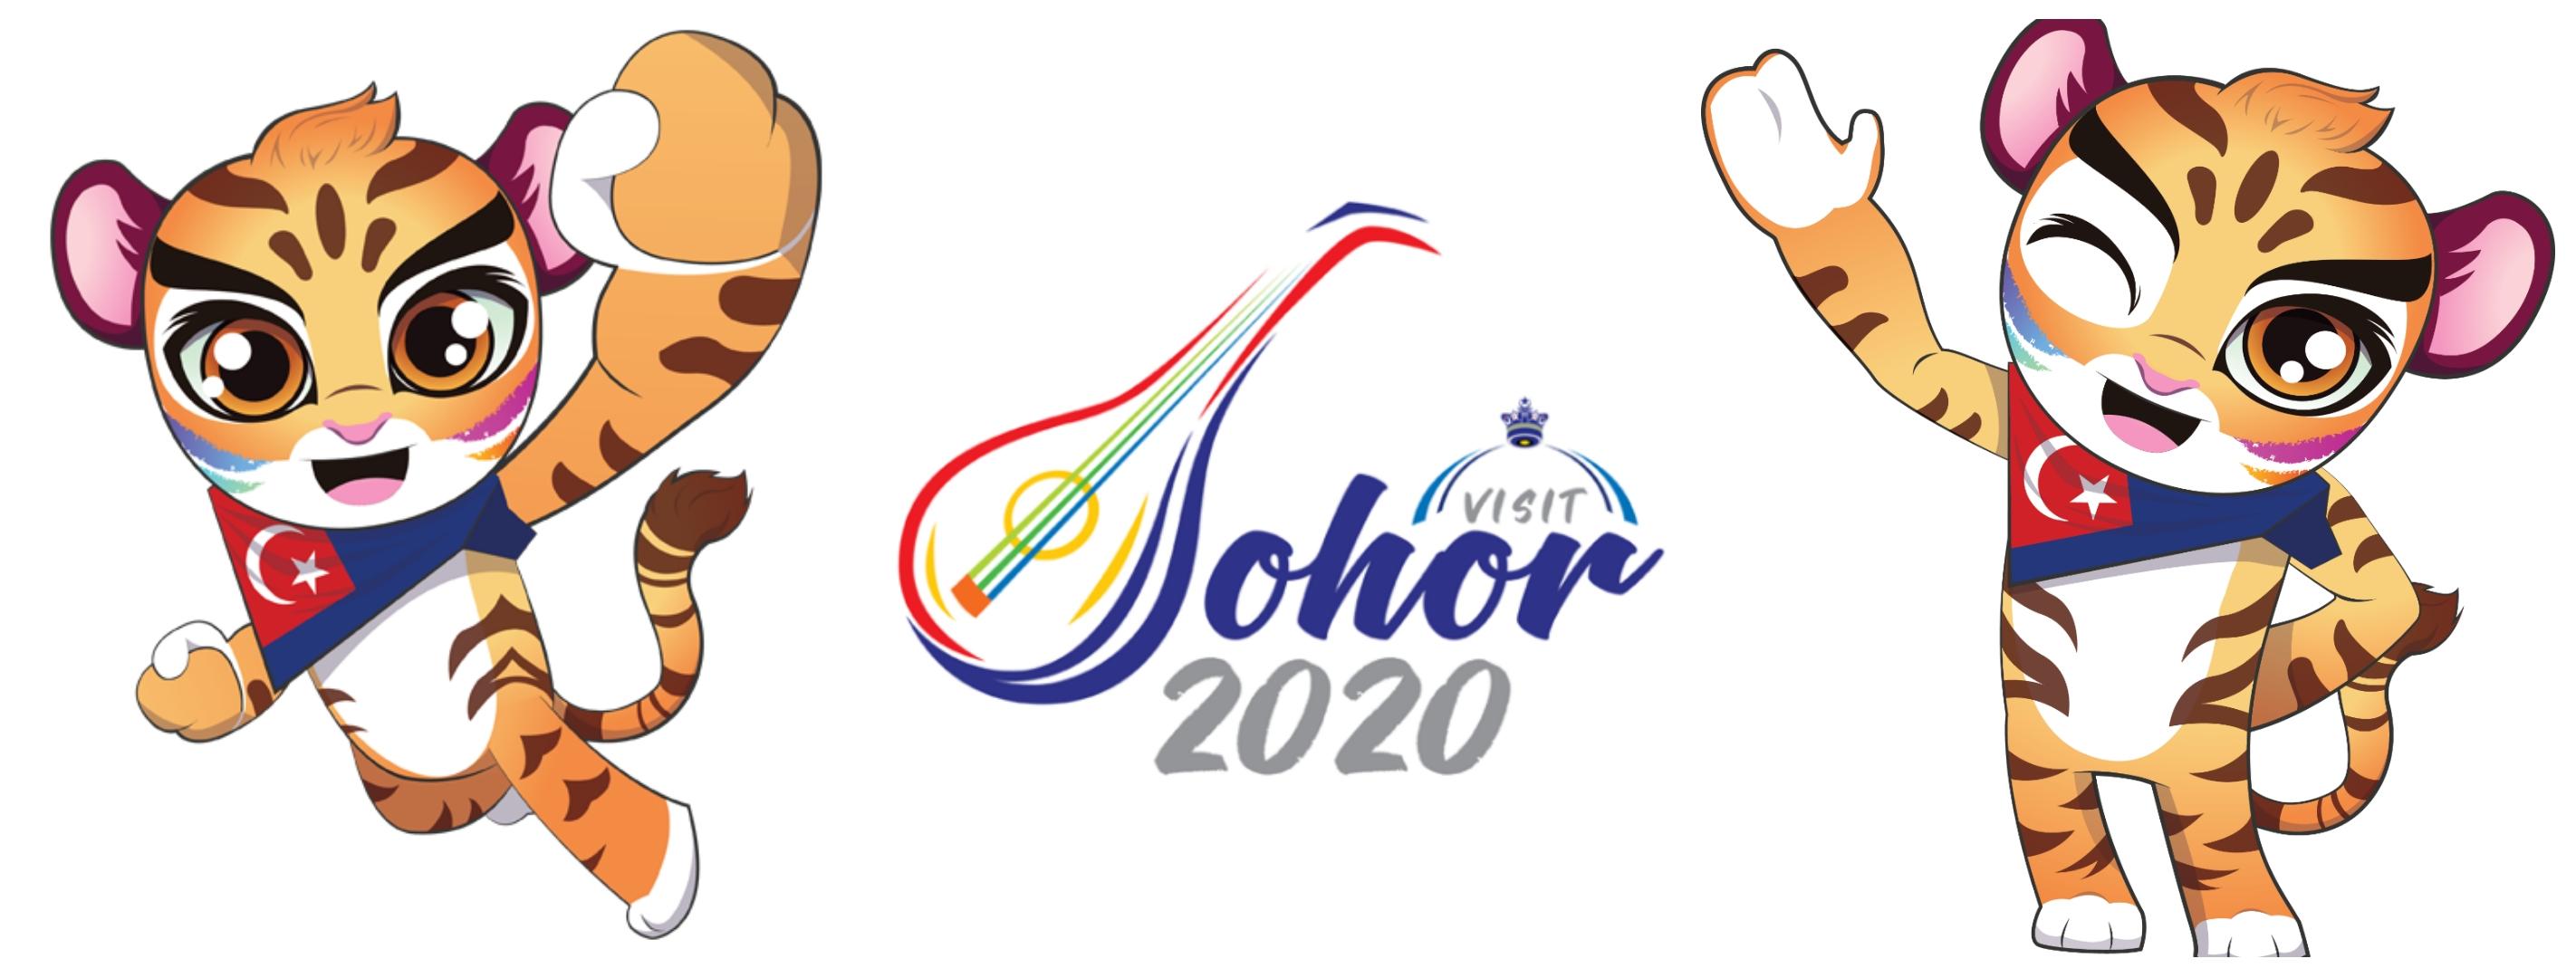 Maskot & Logo Visit Johor 2020